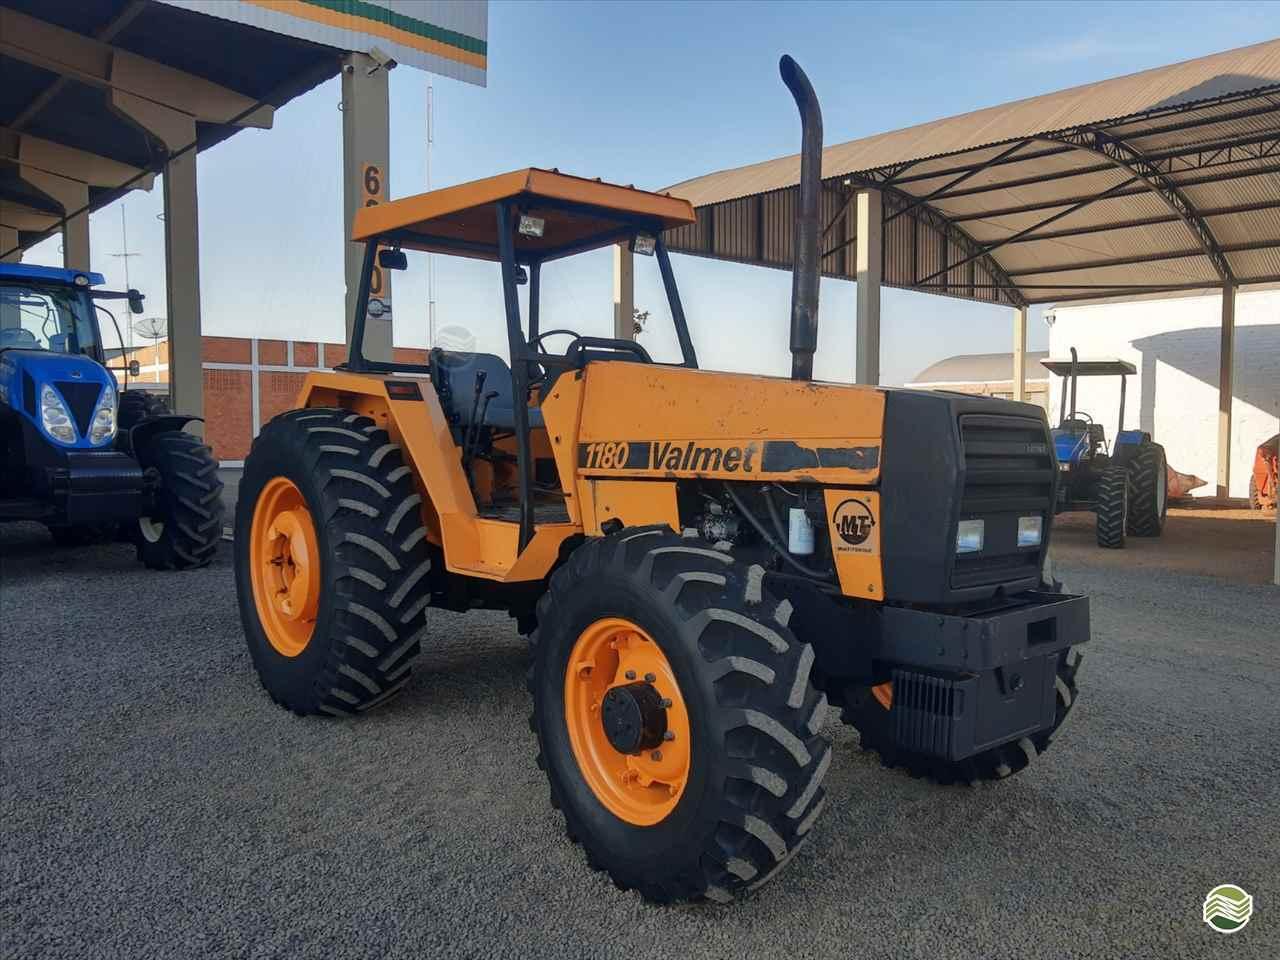 TRATOR VALMET VALMET 1180 Tração 4x4 GR Máquinas Agrícolas ARAPONGAS PARANÁ PR